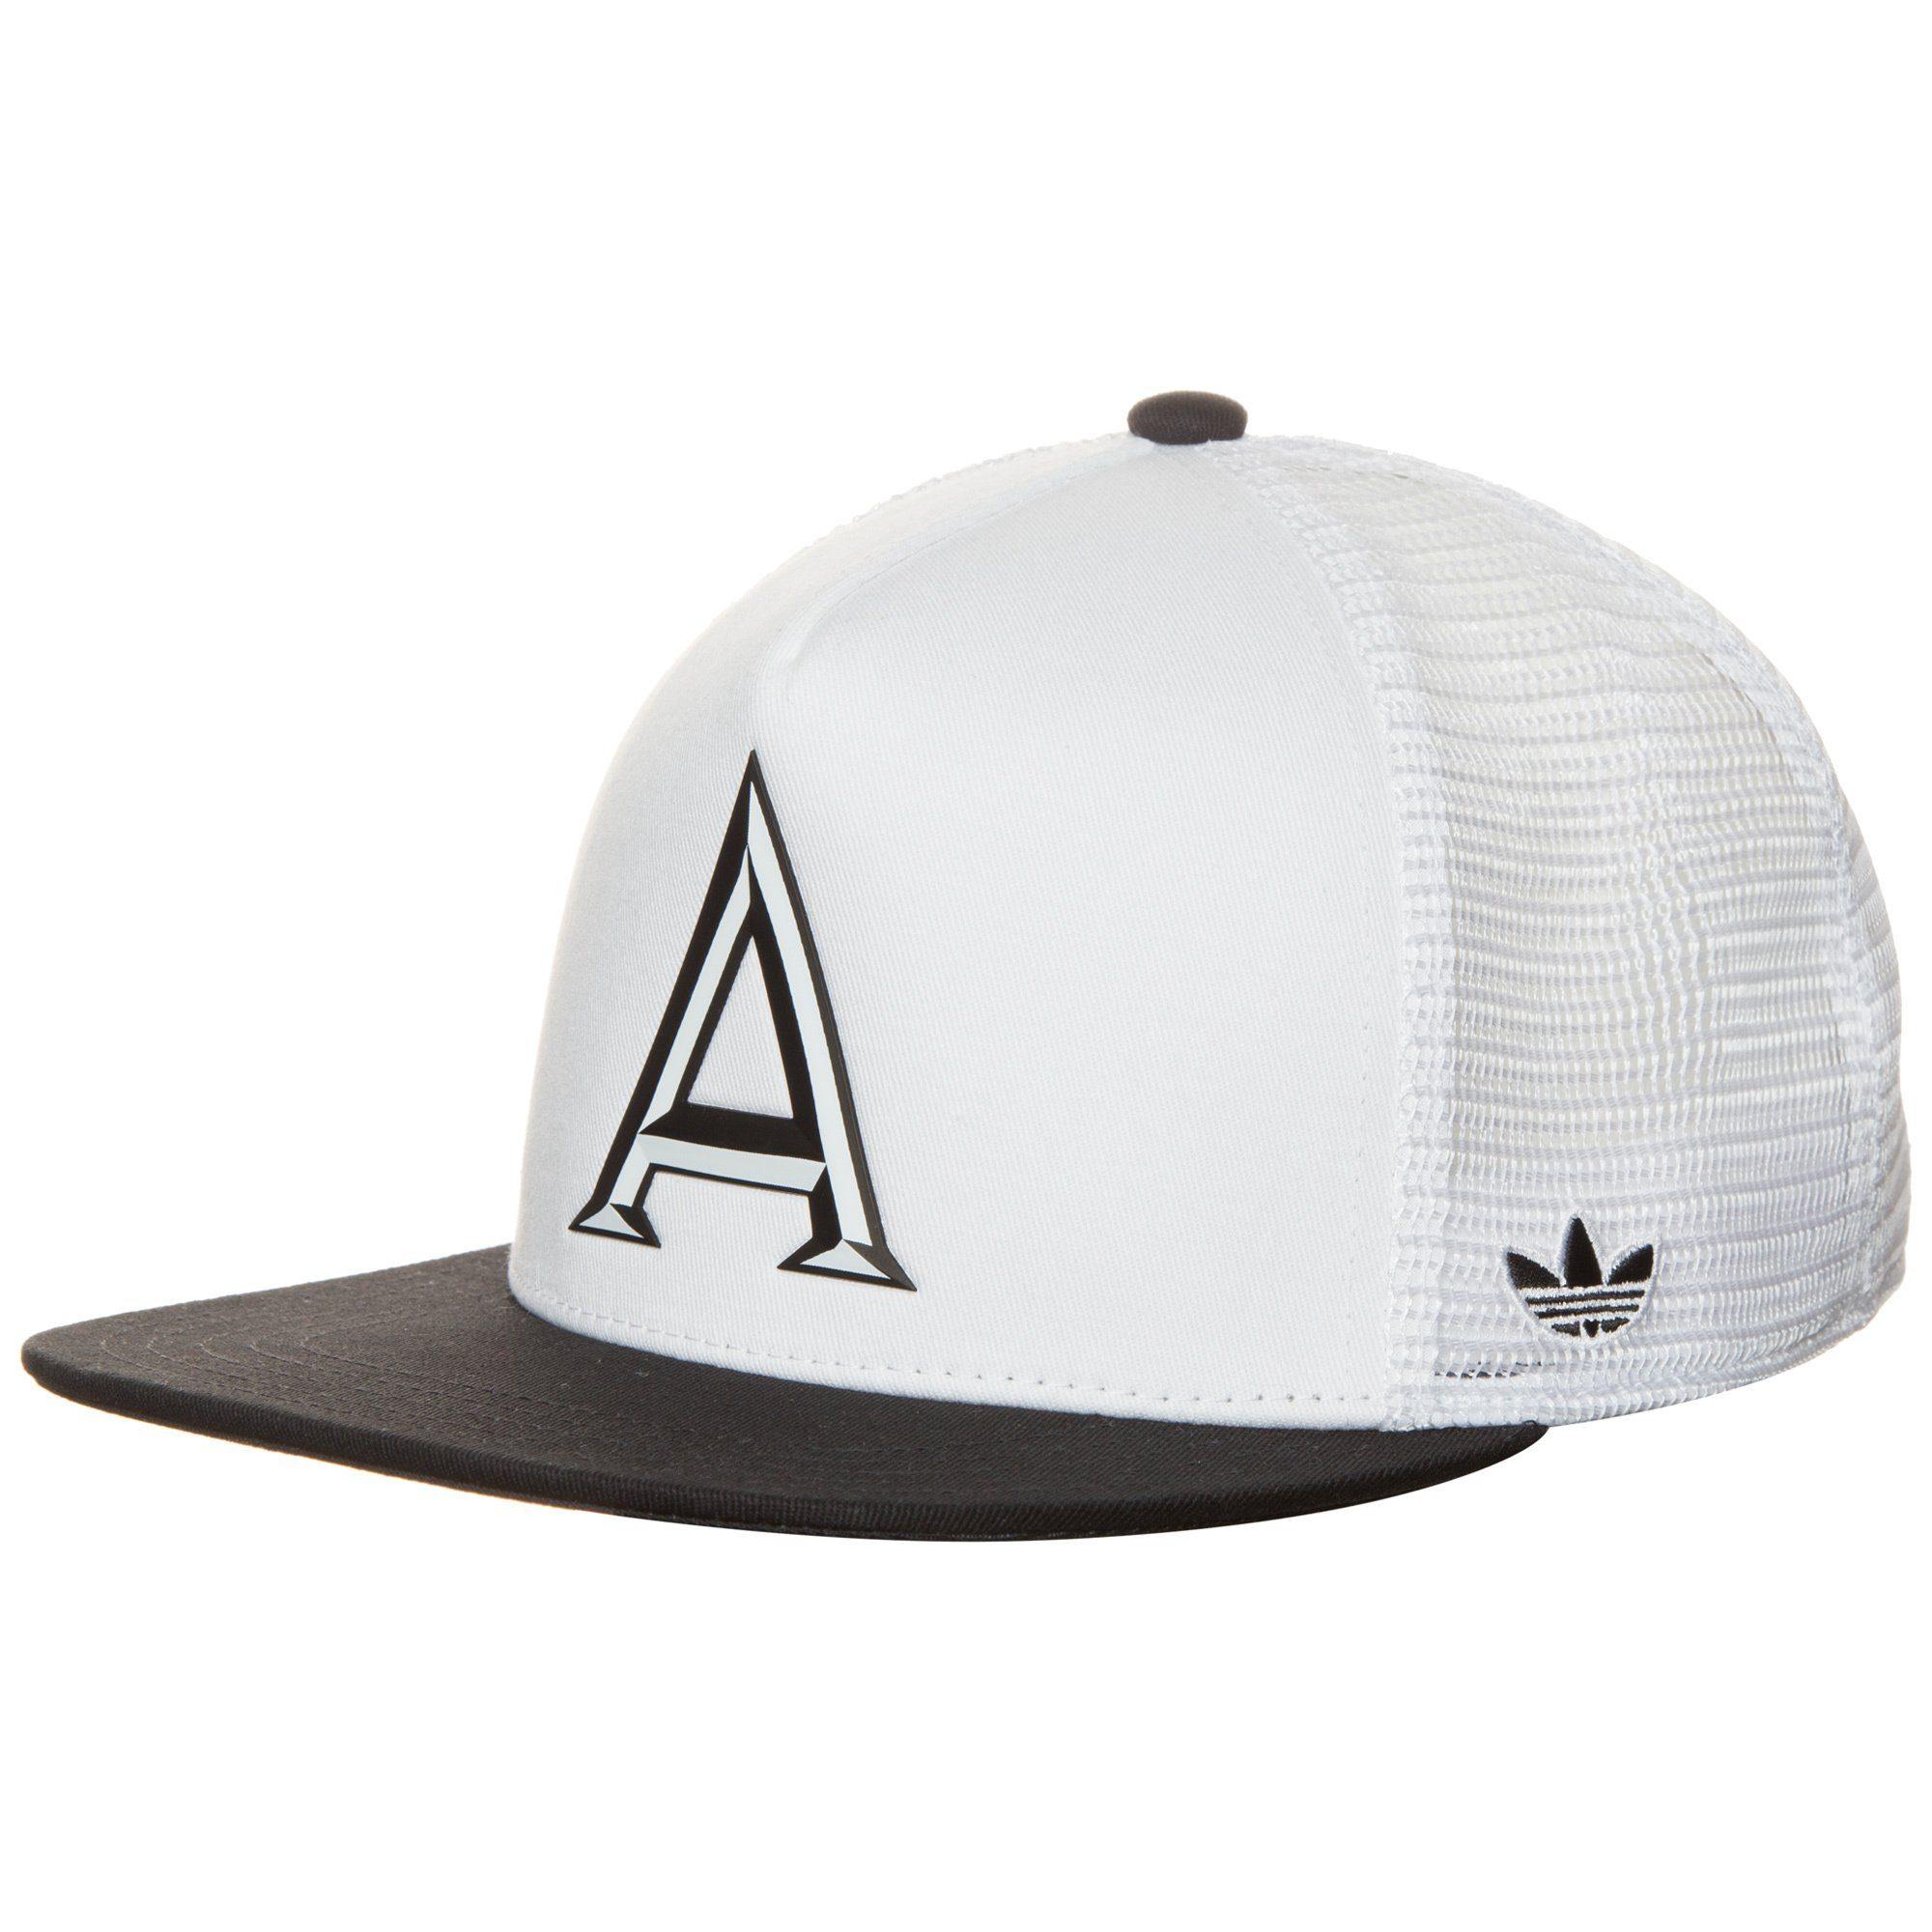 adidas Originals Trucker Black & White Cap